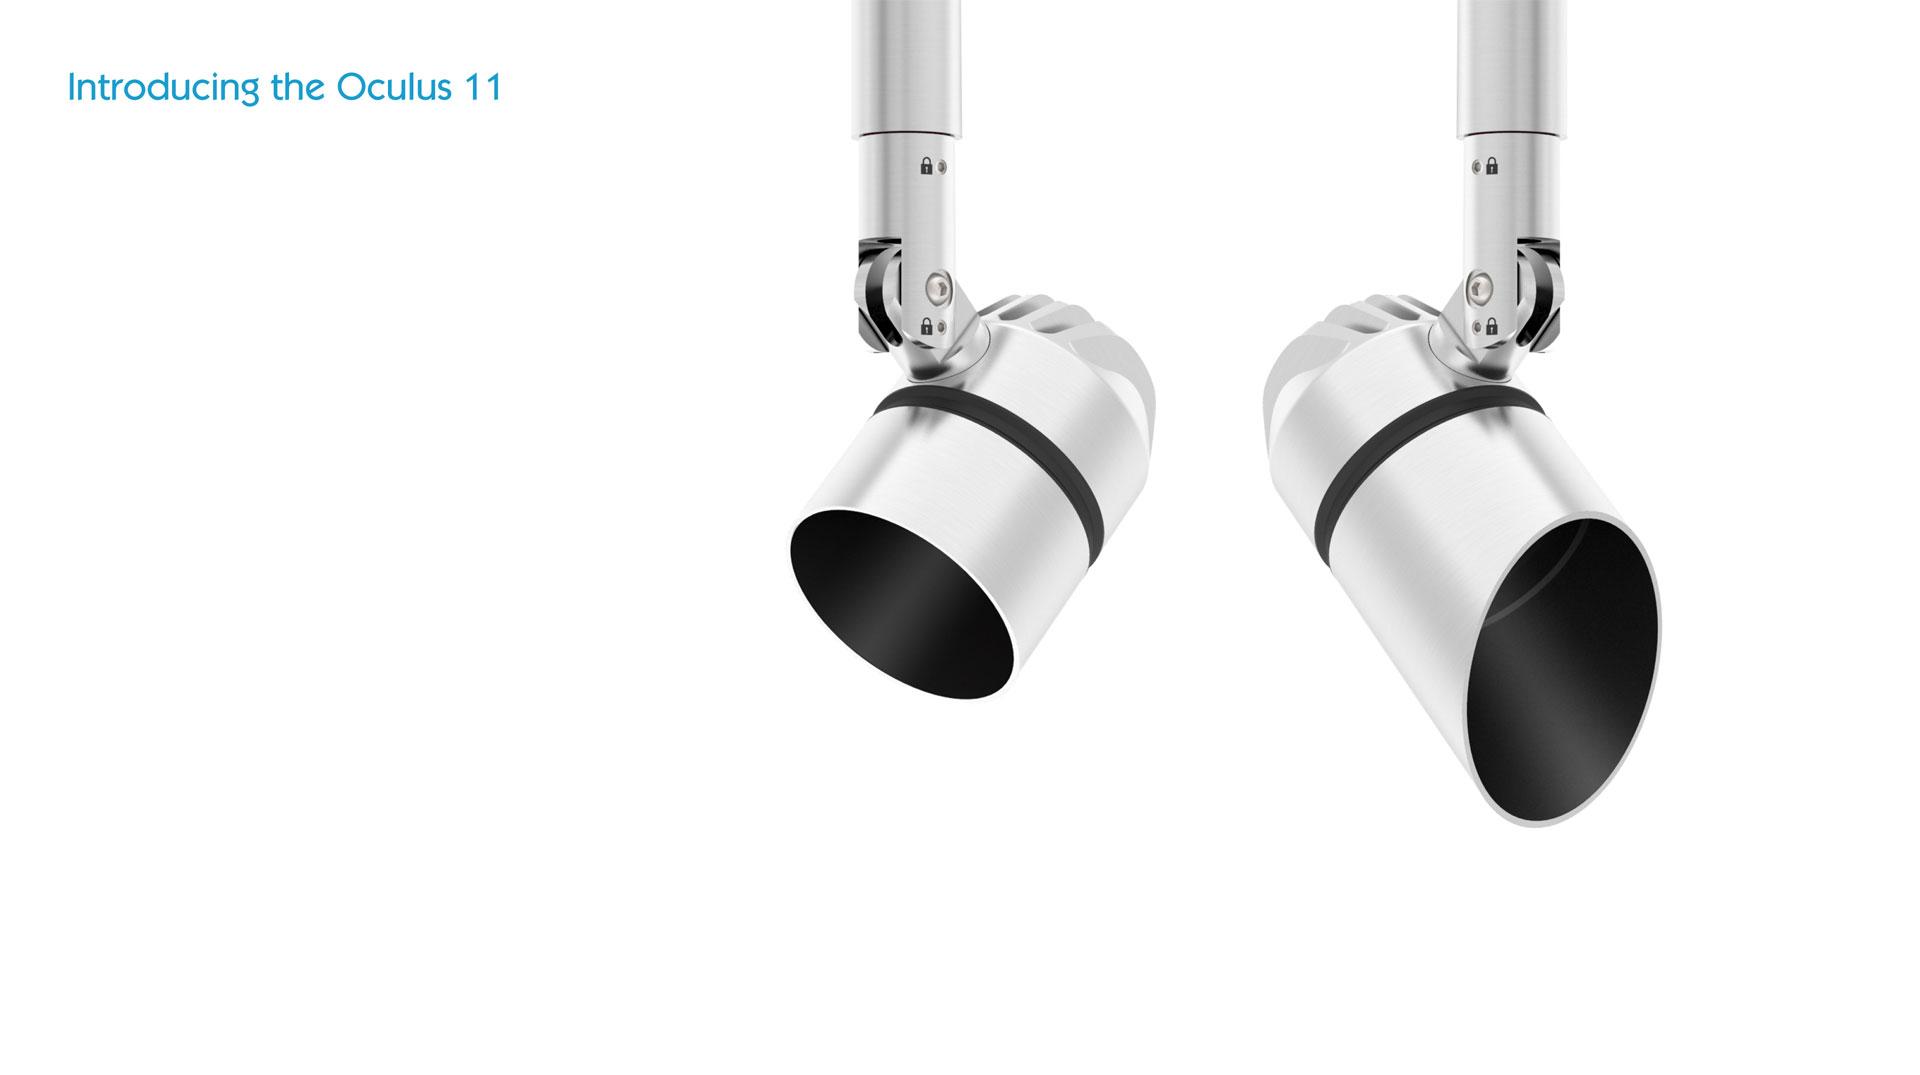 oculus-11-1.jpg